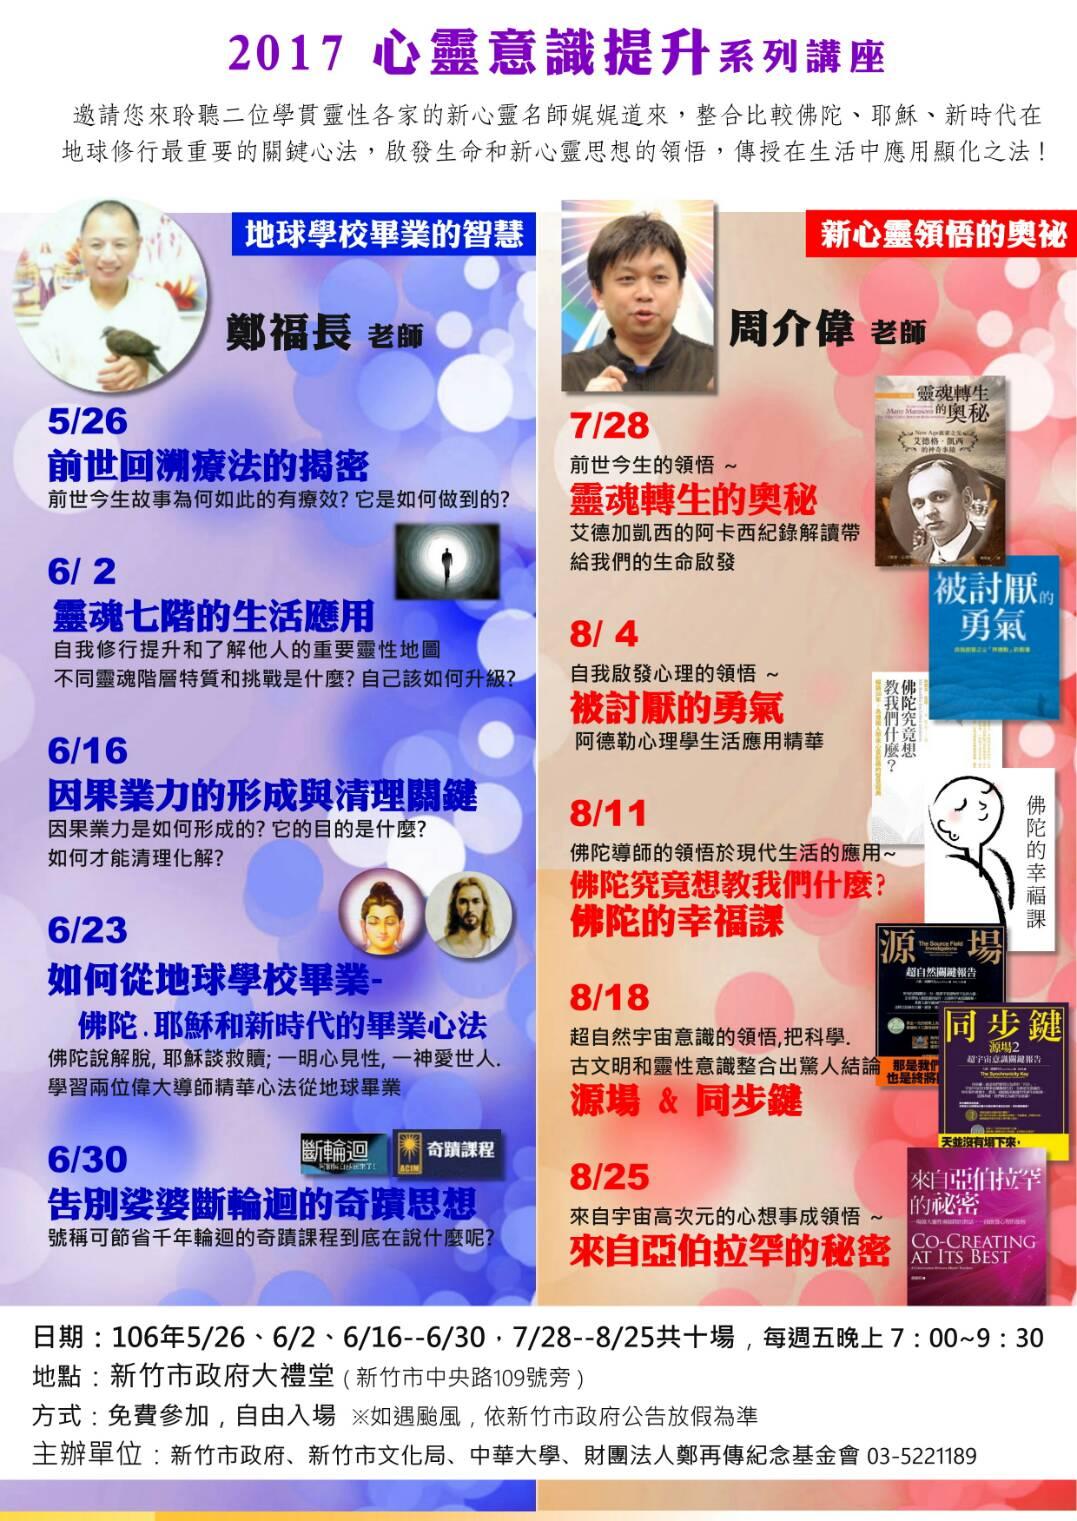 2017年新竹市民講座免費入場